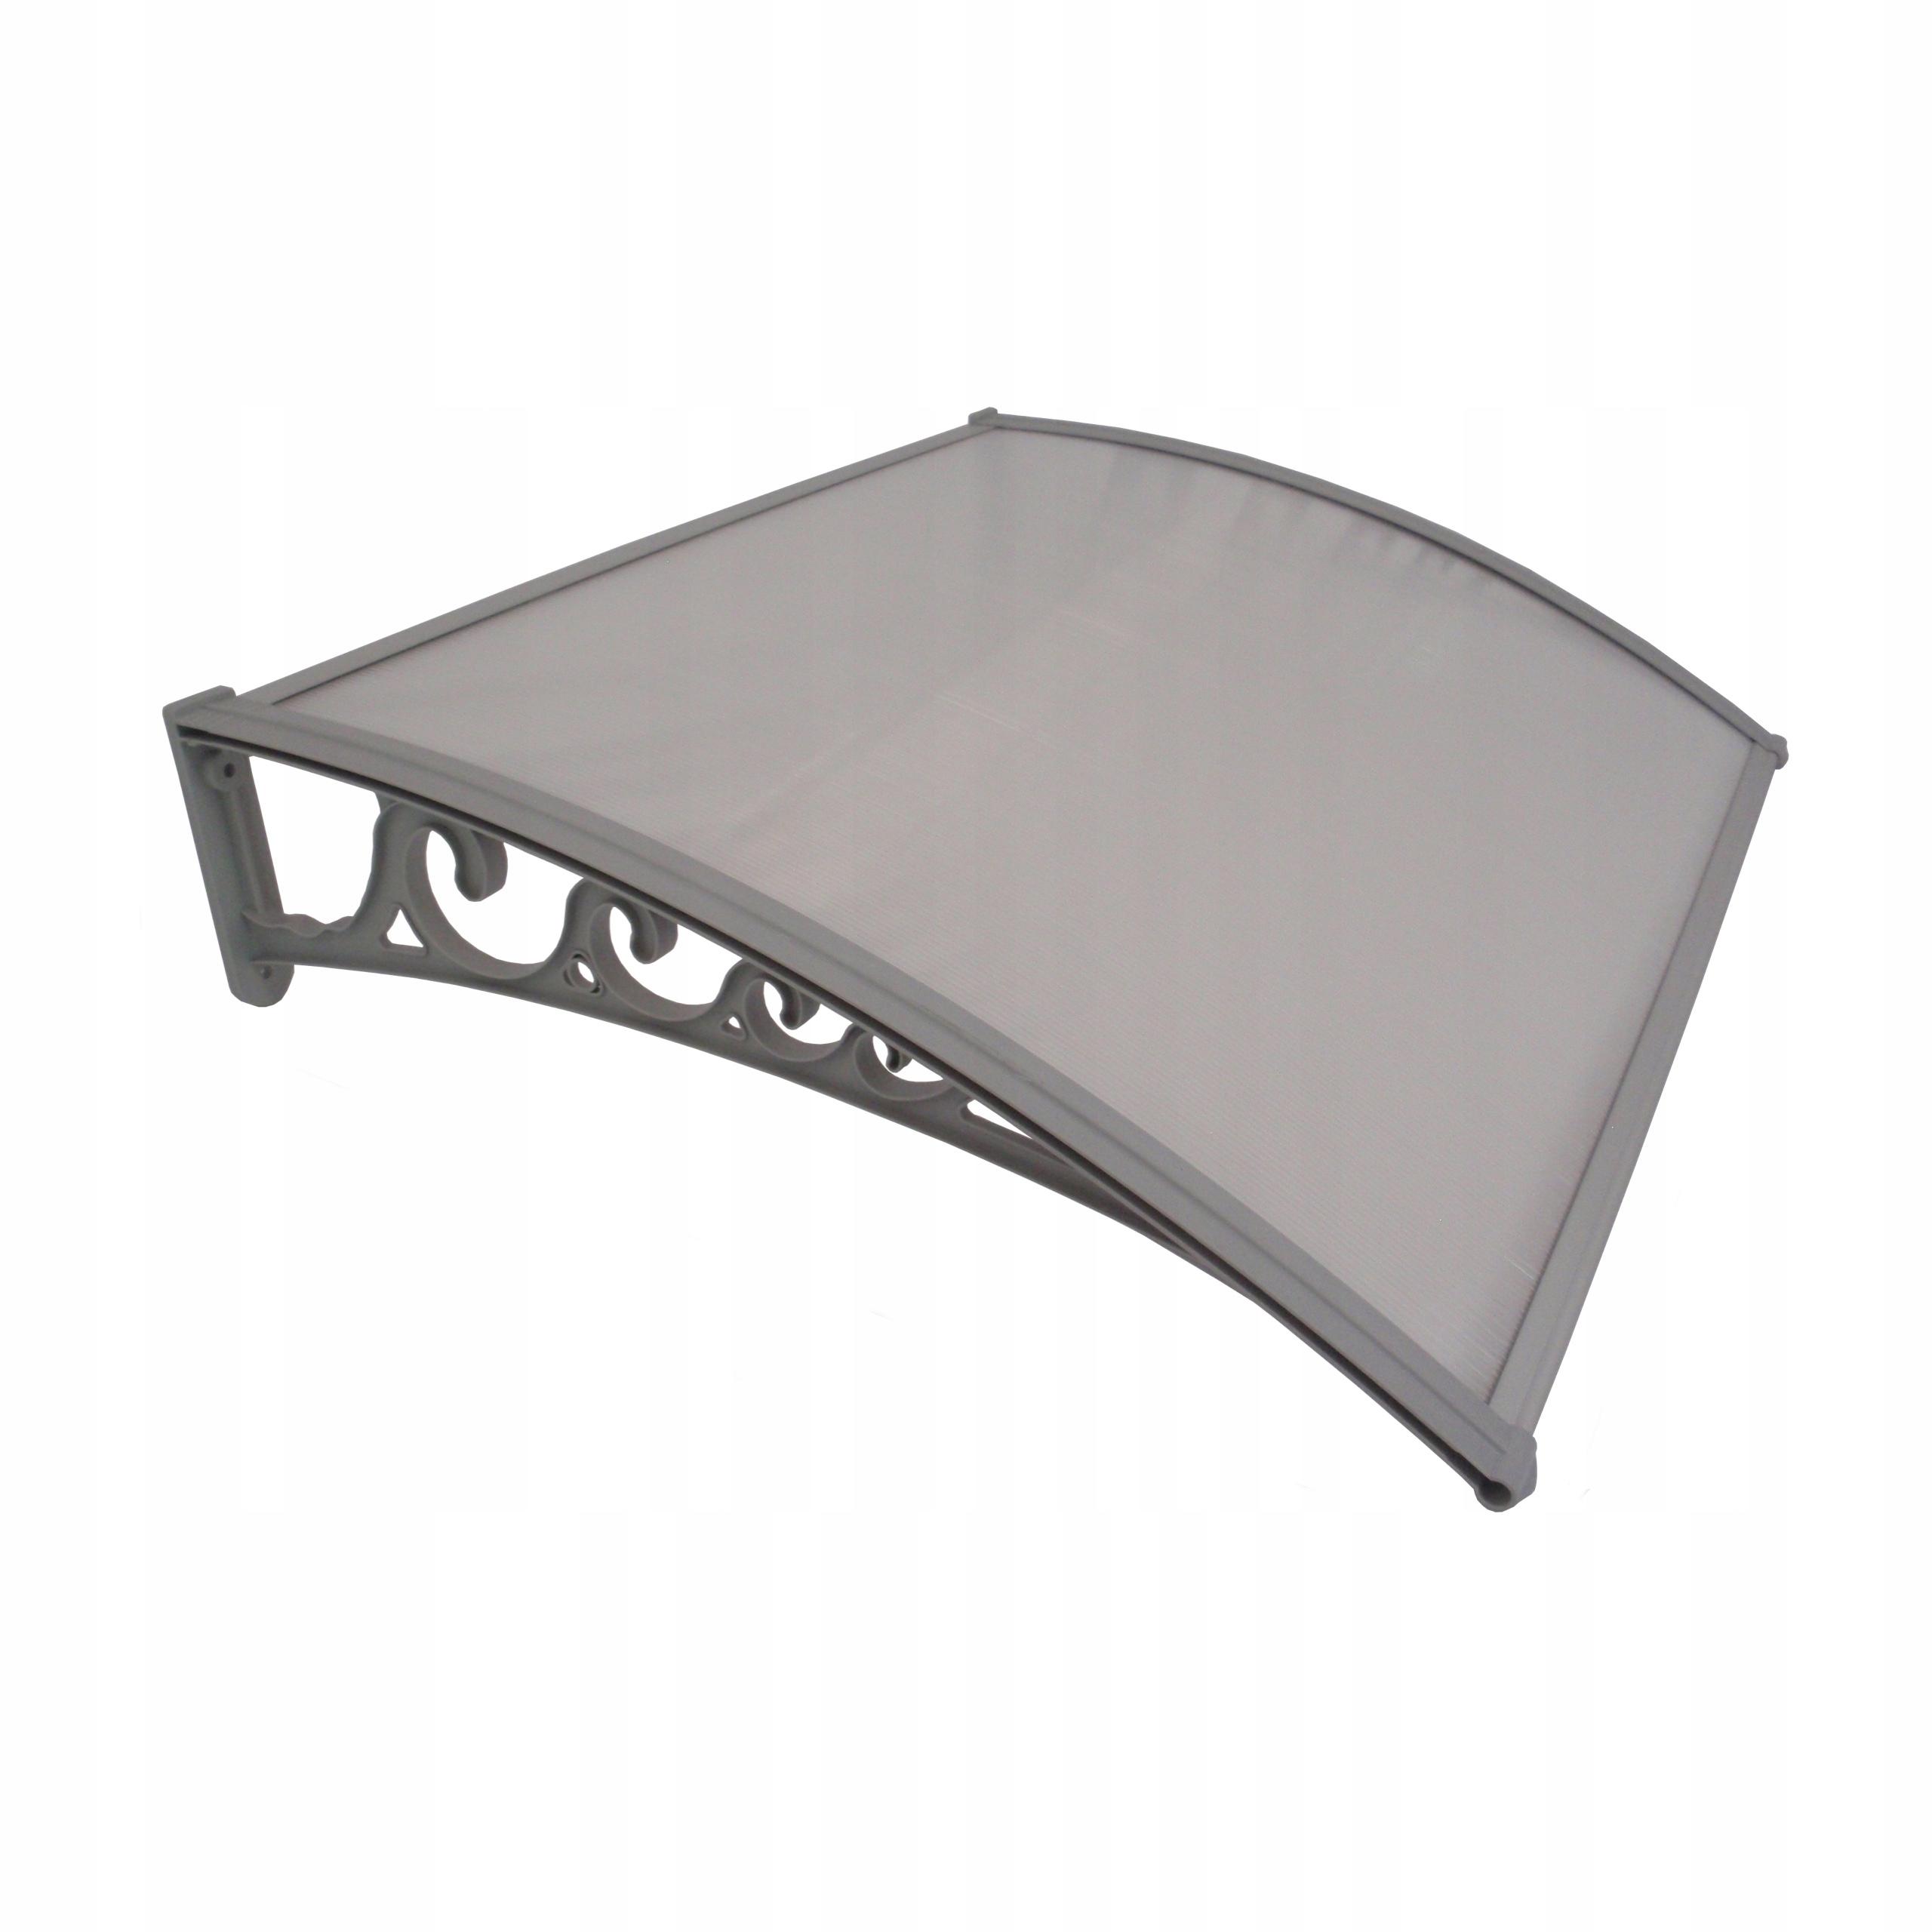 Strecha nad dvere, krytina 100x80, polykarbonát